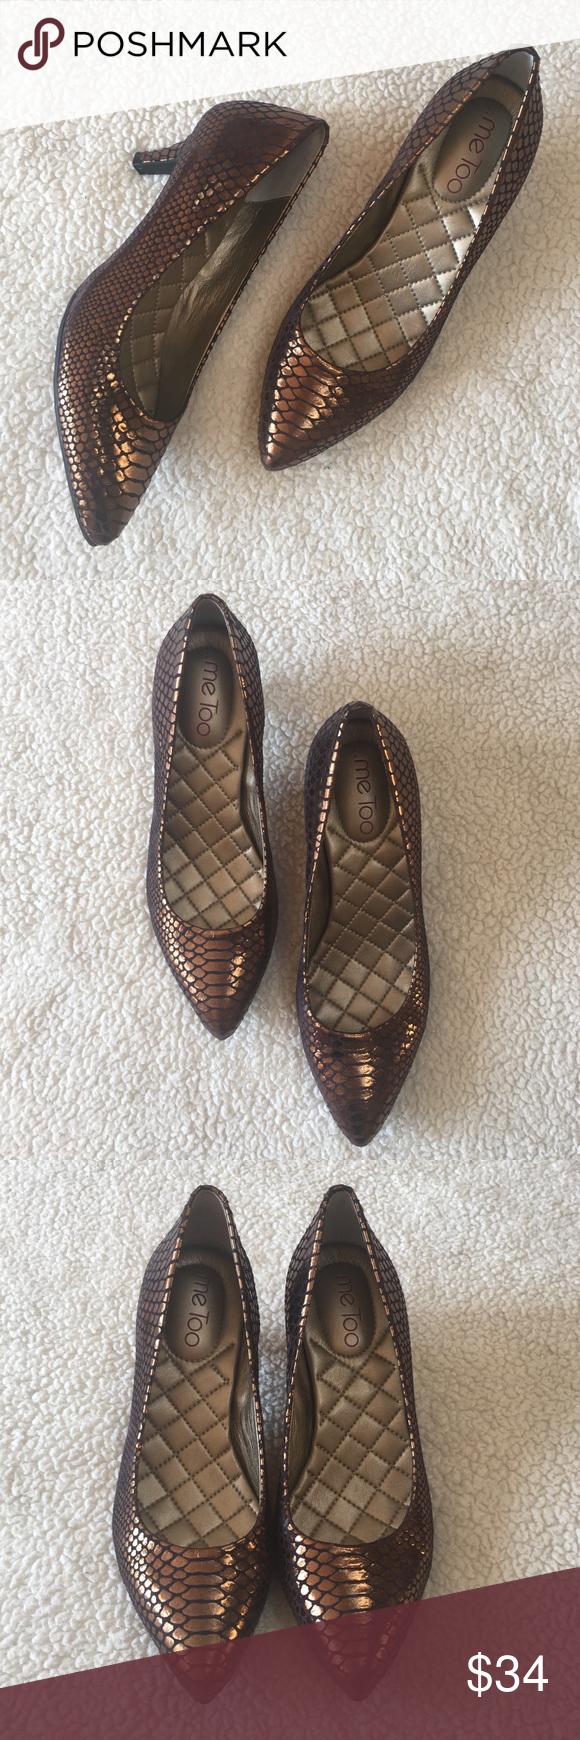 Mid heel sandals | Black sandals heels, Me too shoes, Heels